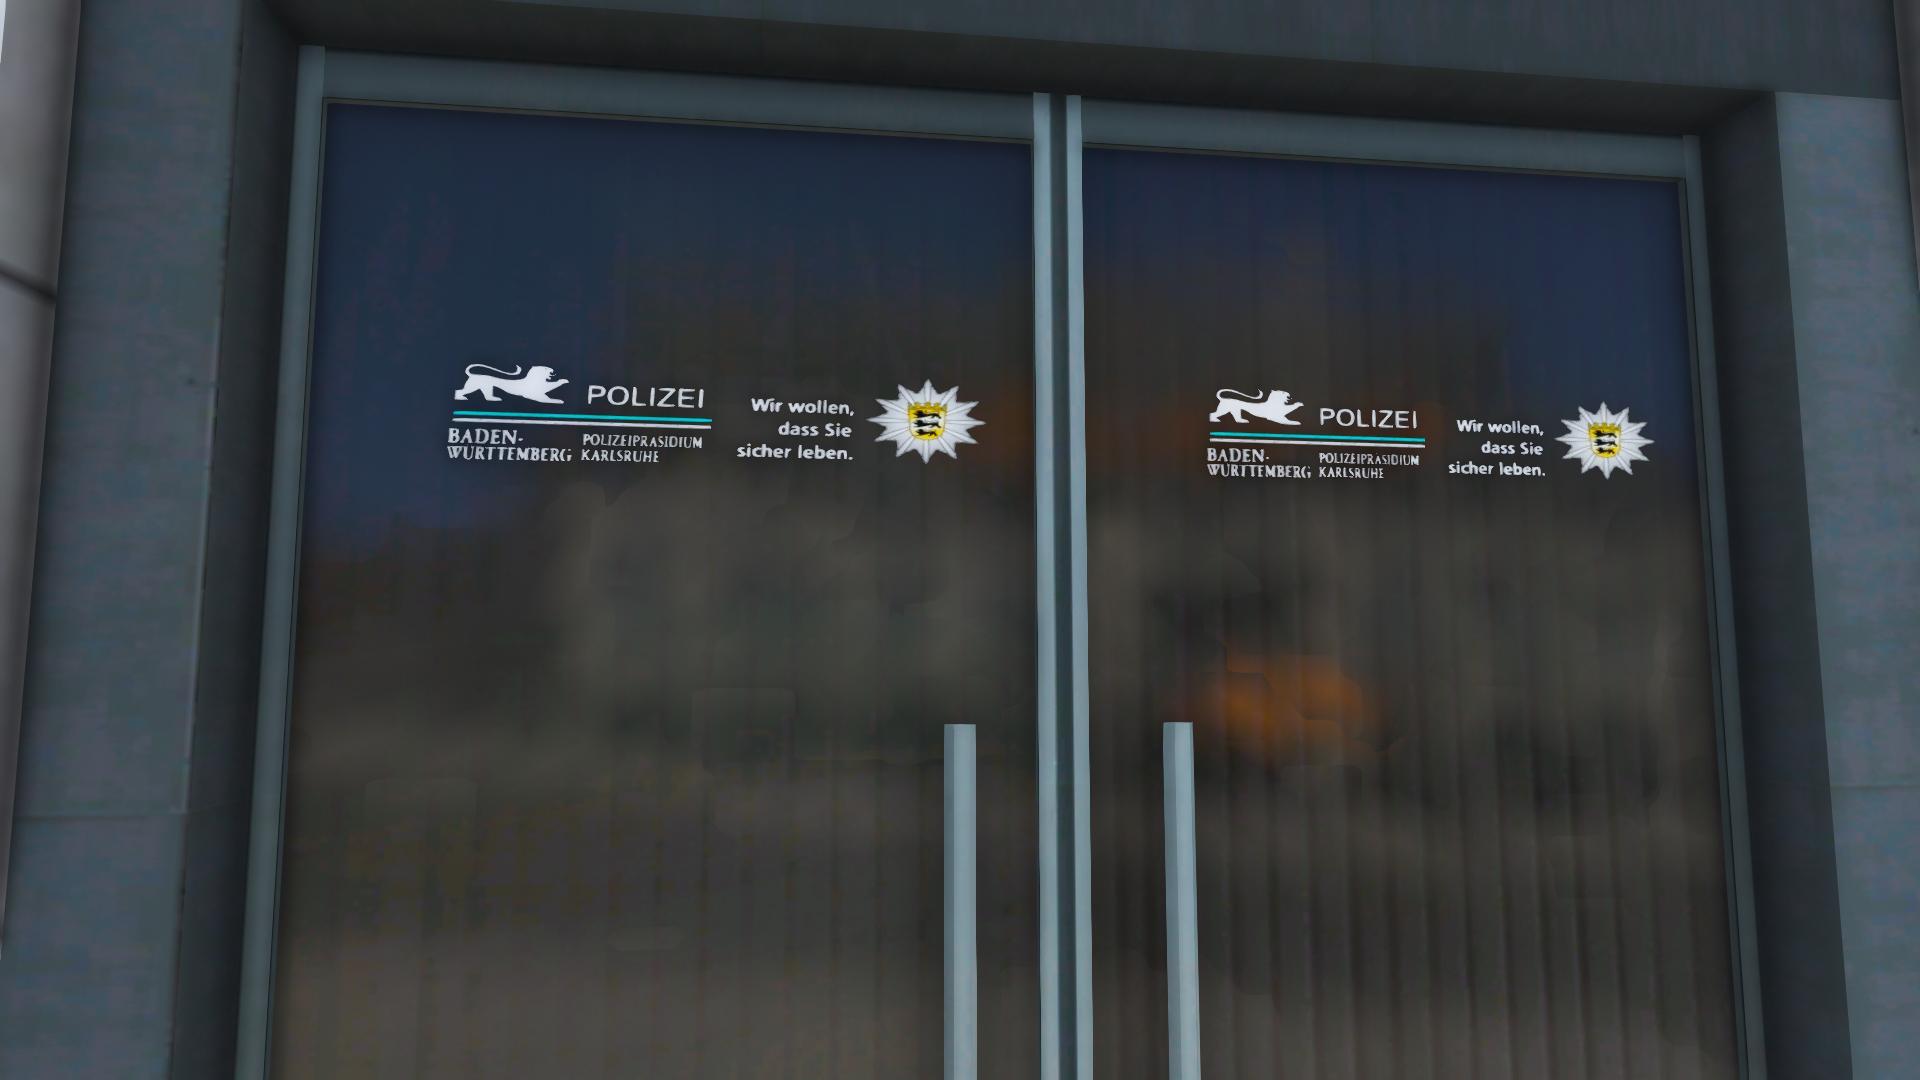 Gta 5 Karte Polizeistation.German Police Stations Deutsche Polizei Reviere Oiv